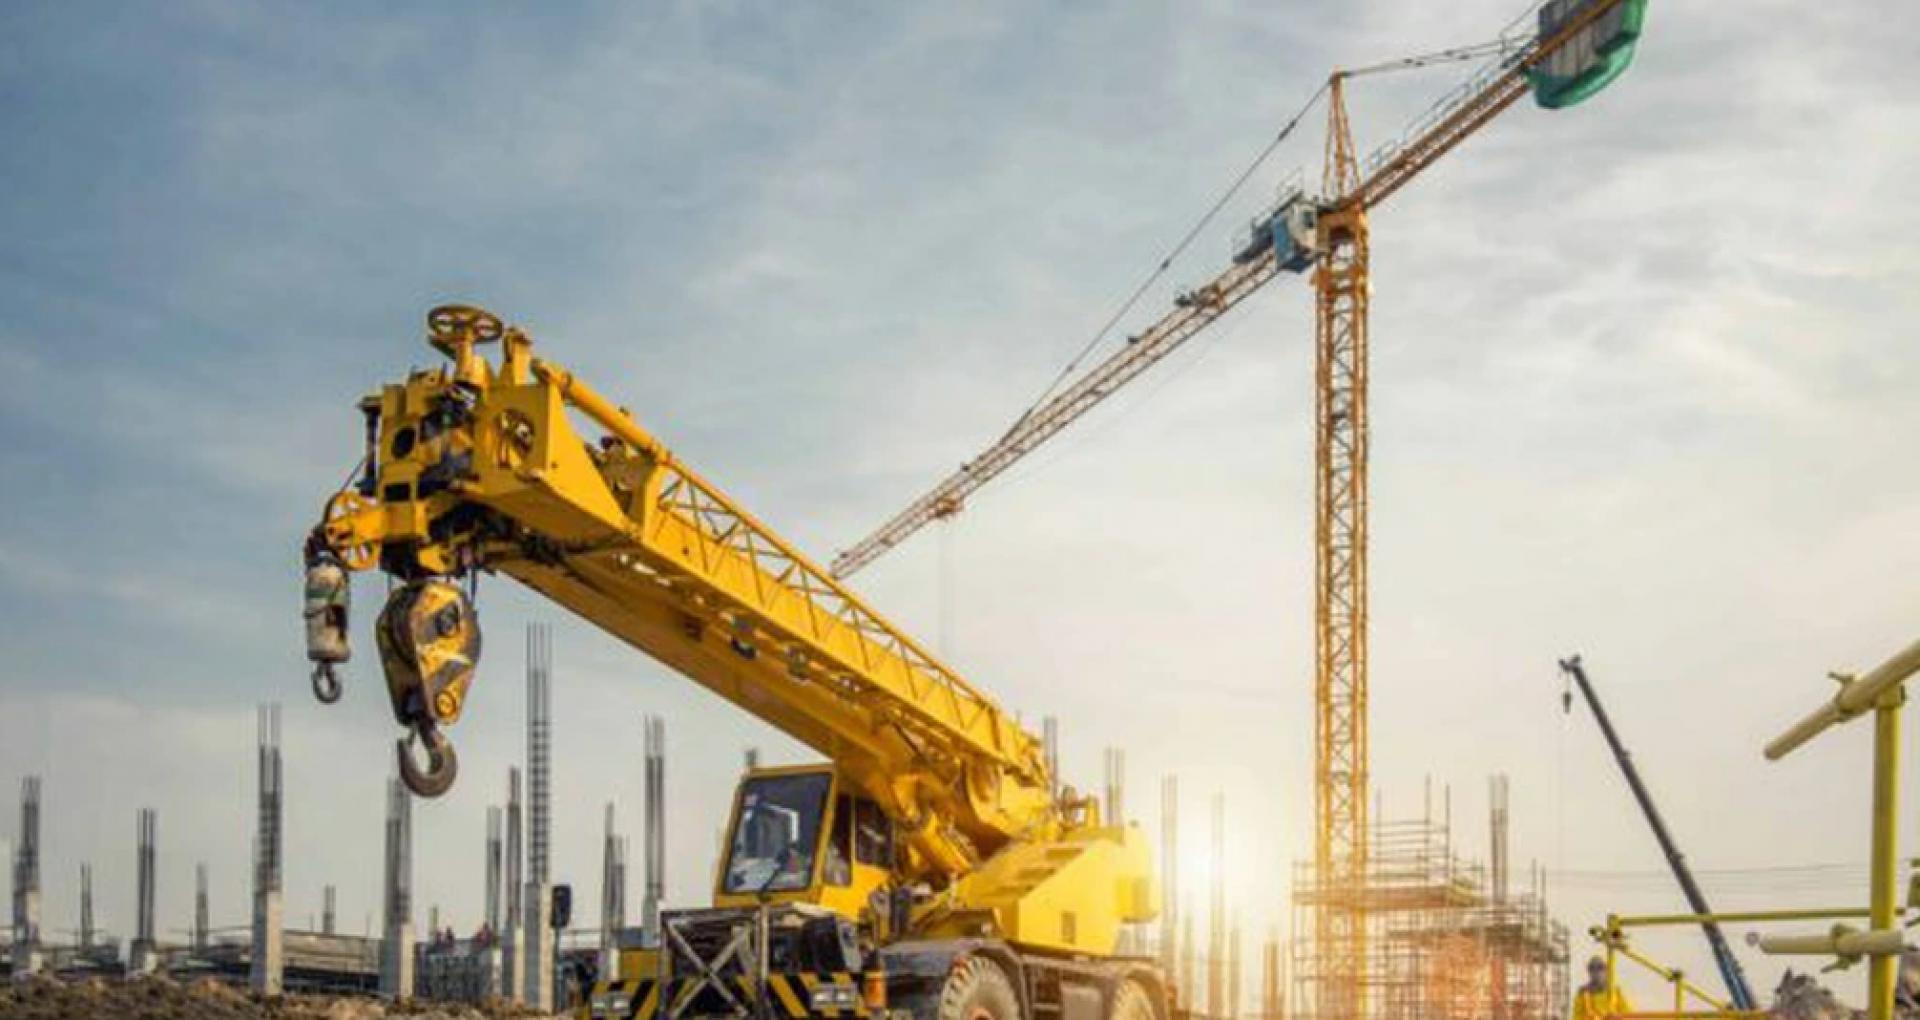 În anul 2020, în R. Moldova au fost executate lucrări de construcții în valoare de 15 miliarde de lei, în creștere cu 11,8% față de 2019